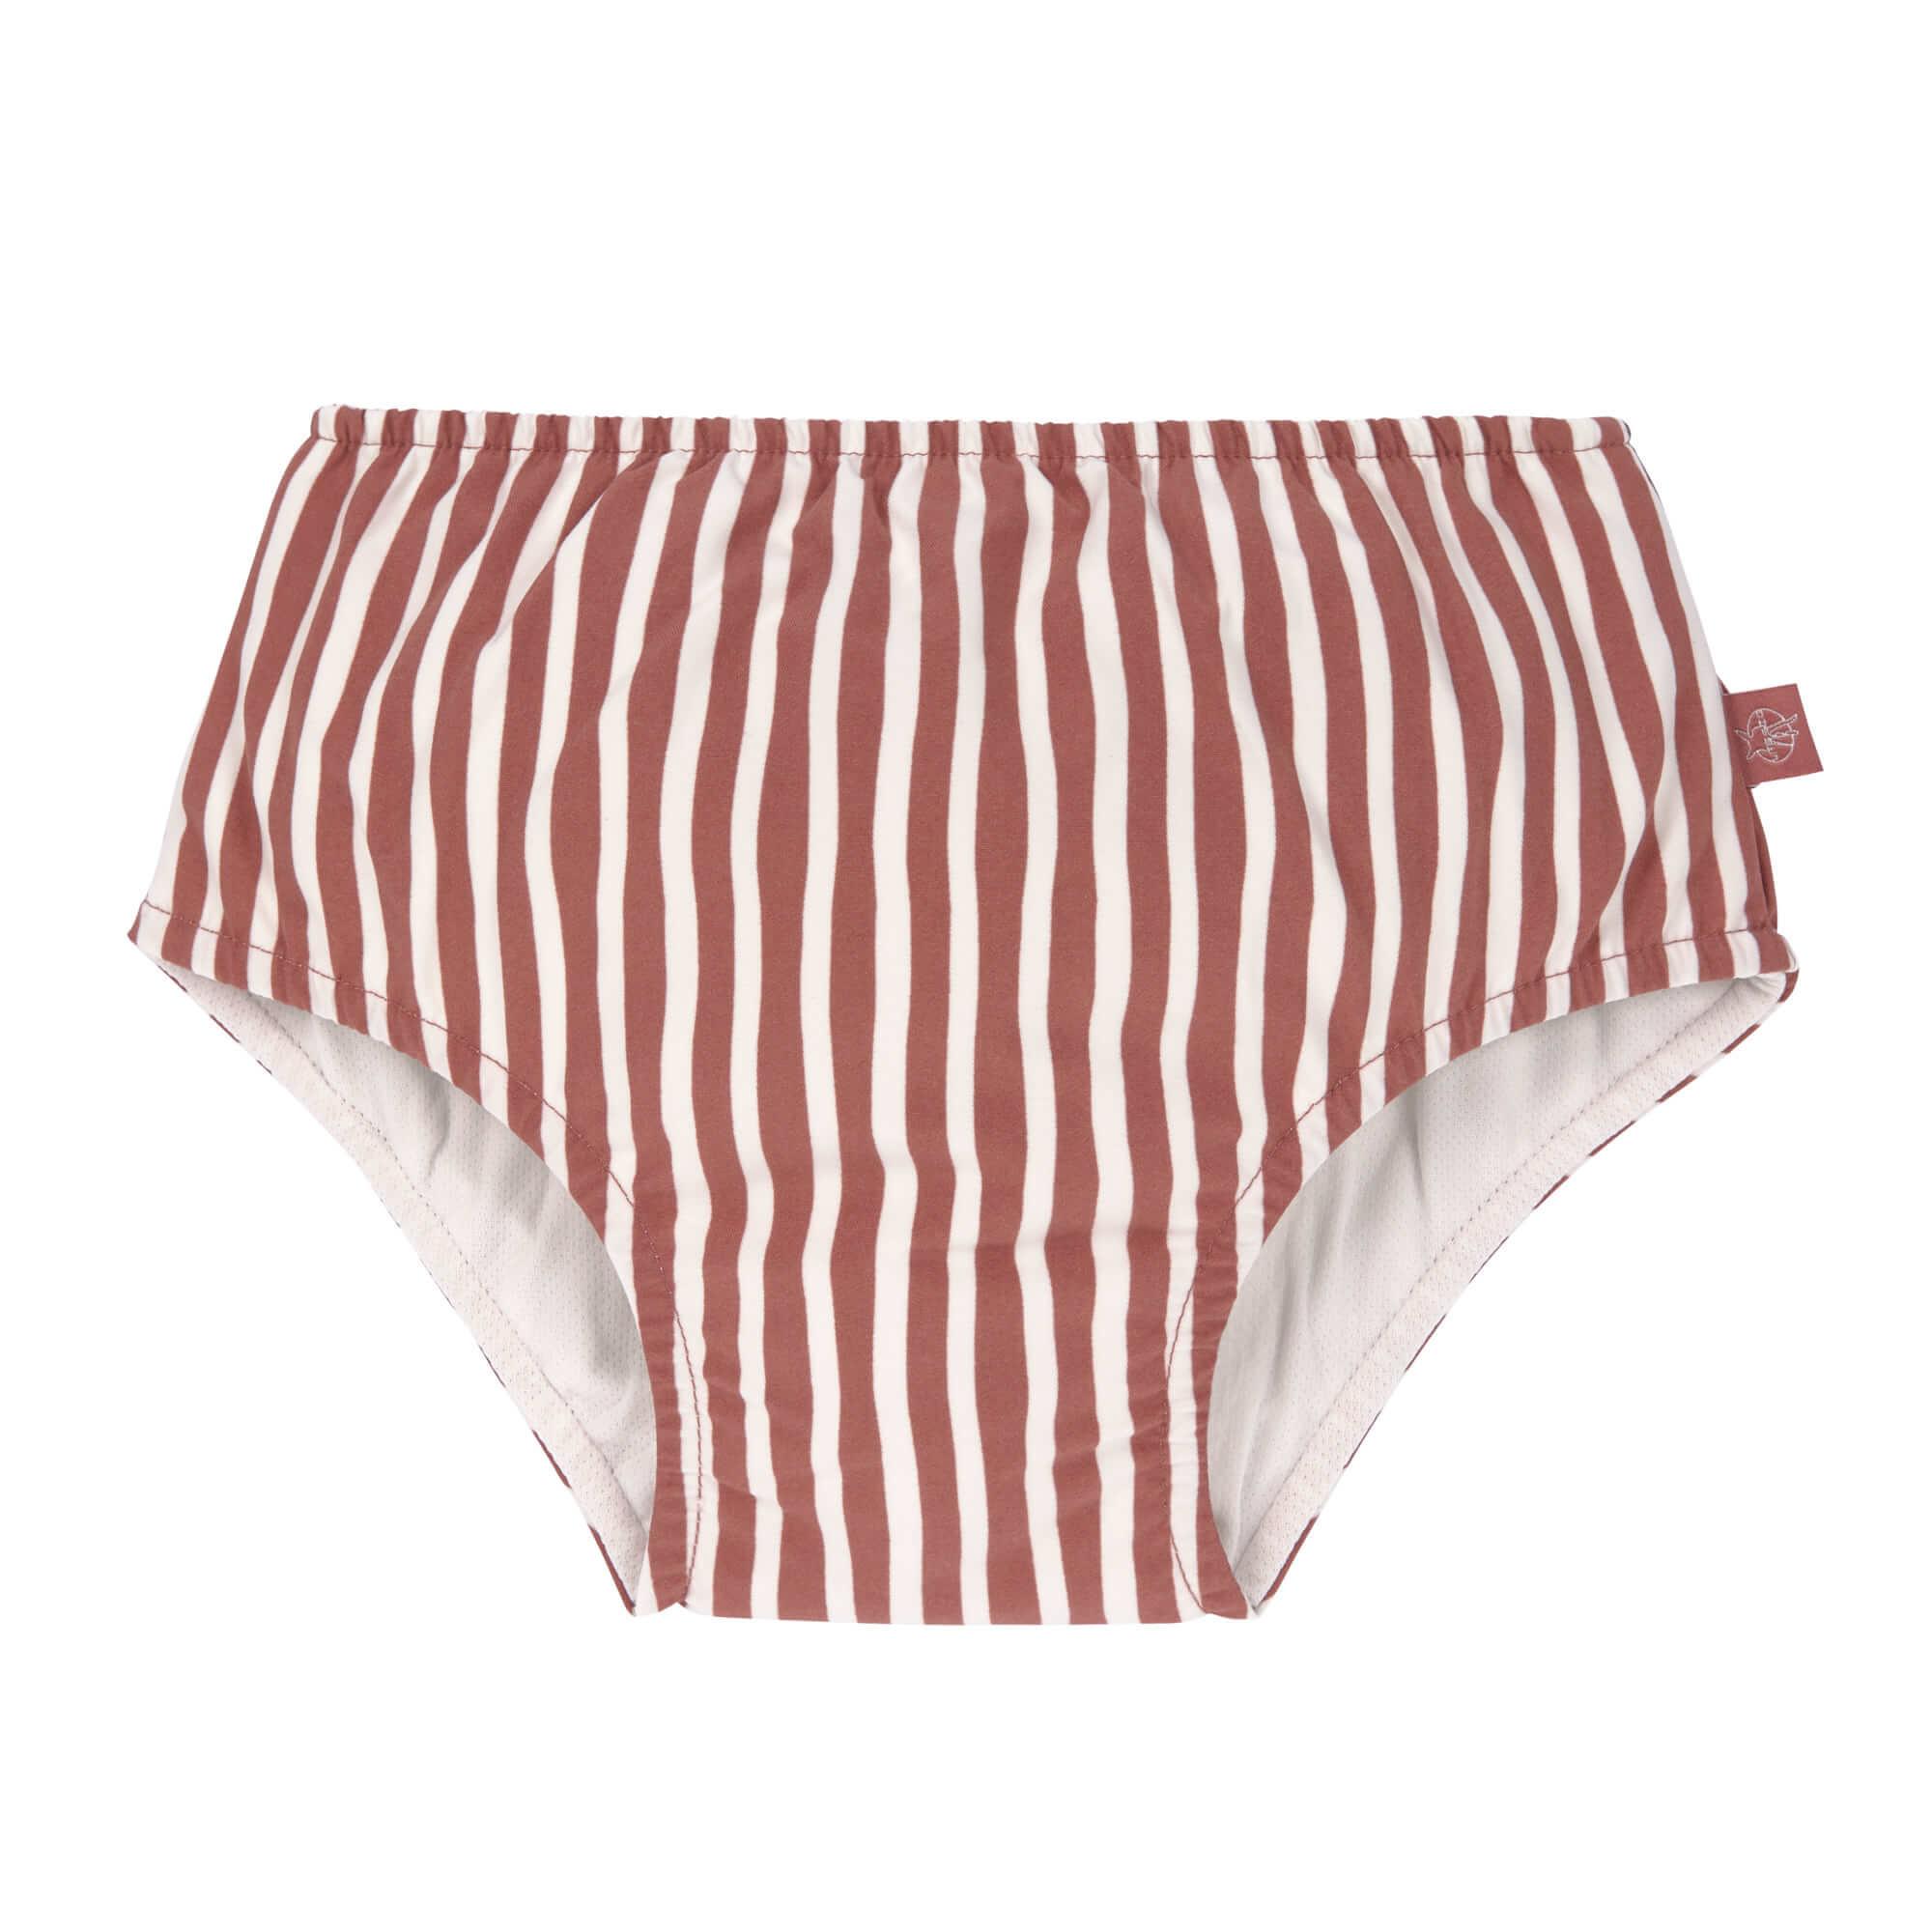 Lässig Lässig Splash & Fun Zwembroekje met luier - Stripes red